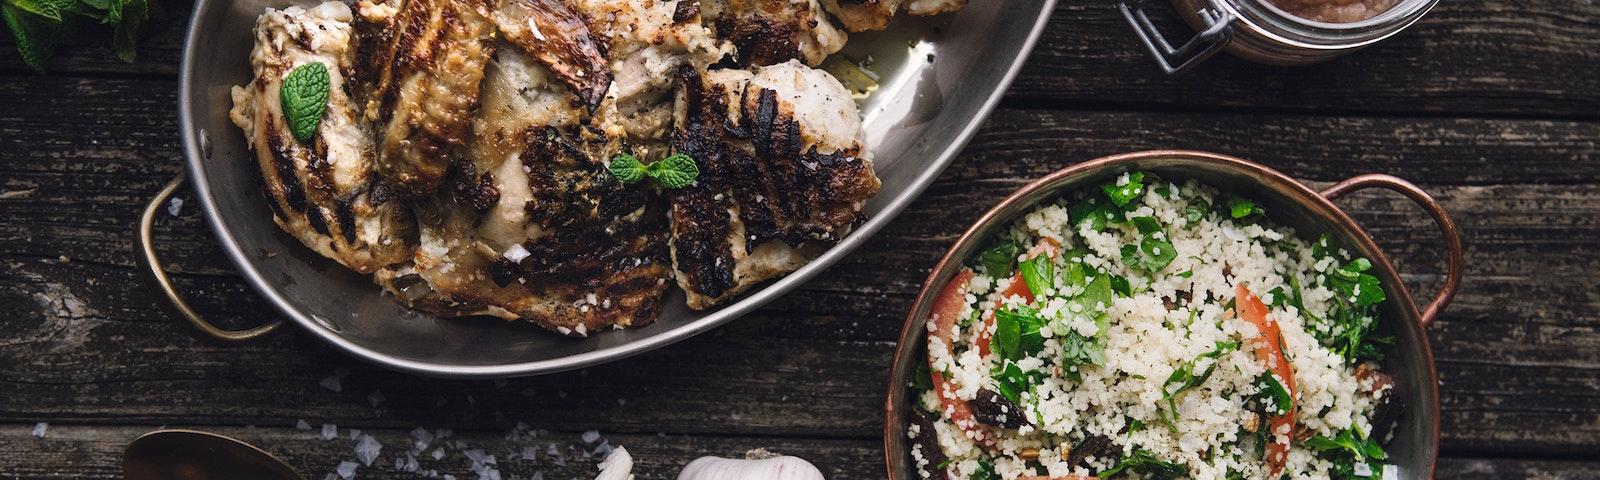 Kylling, Tabbouleh og yoghurt